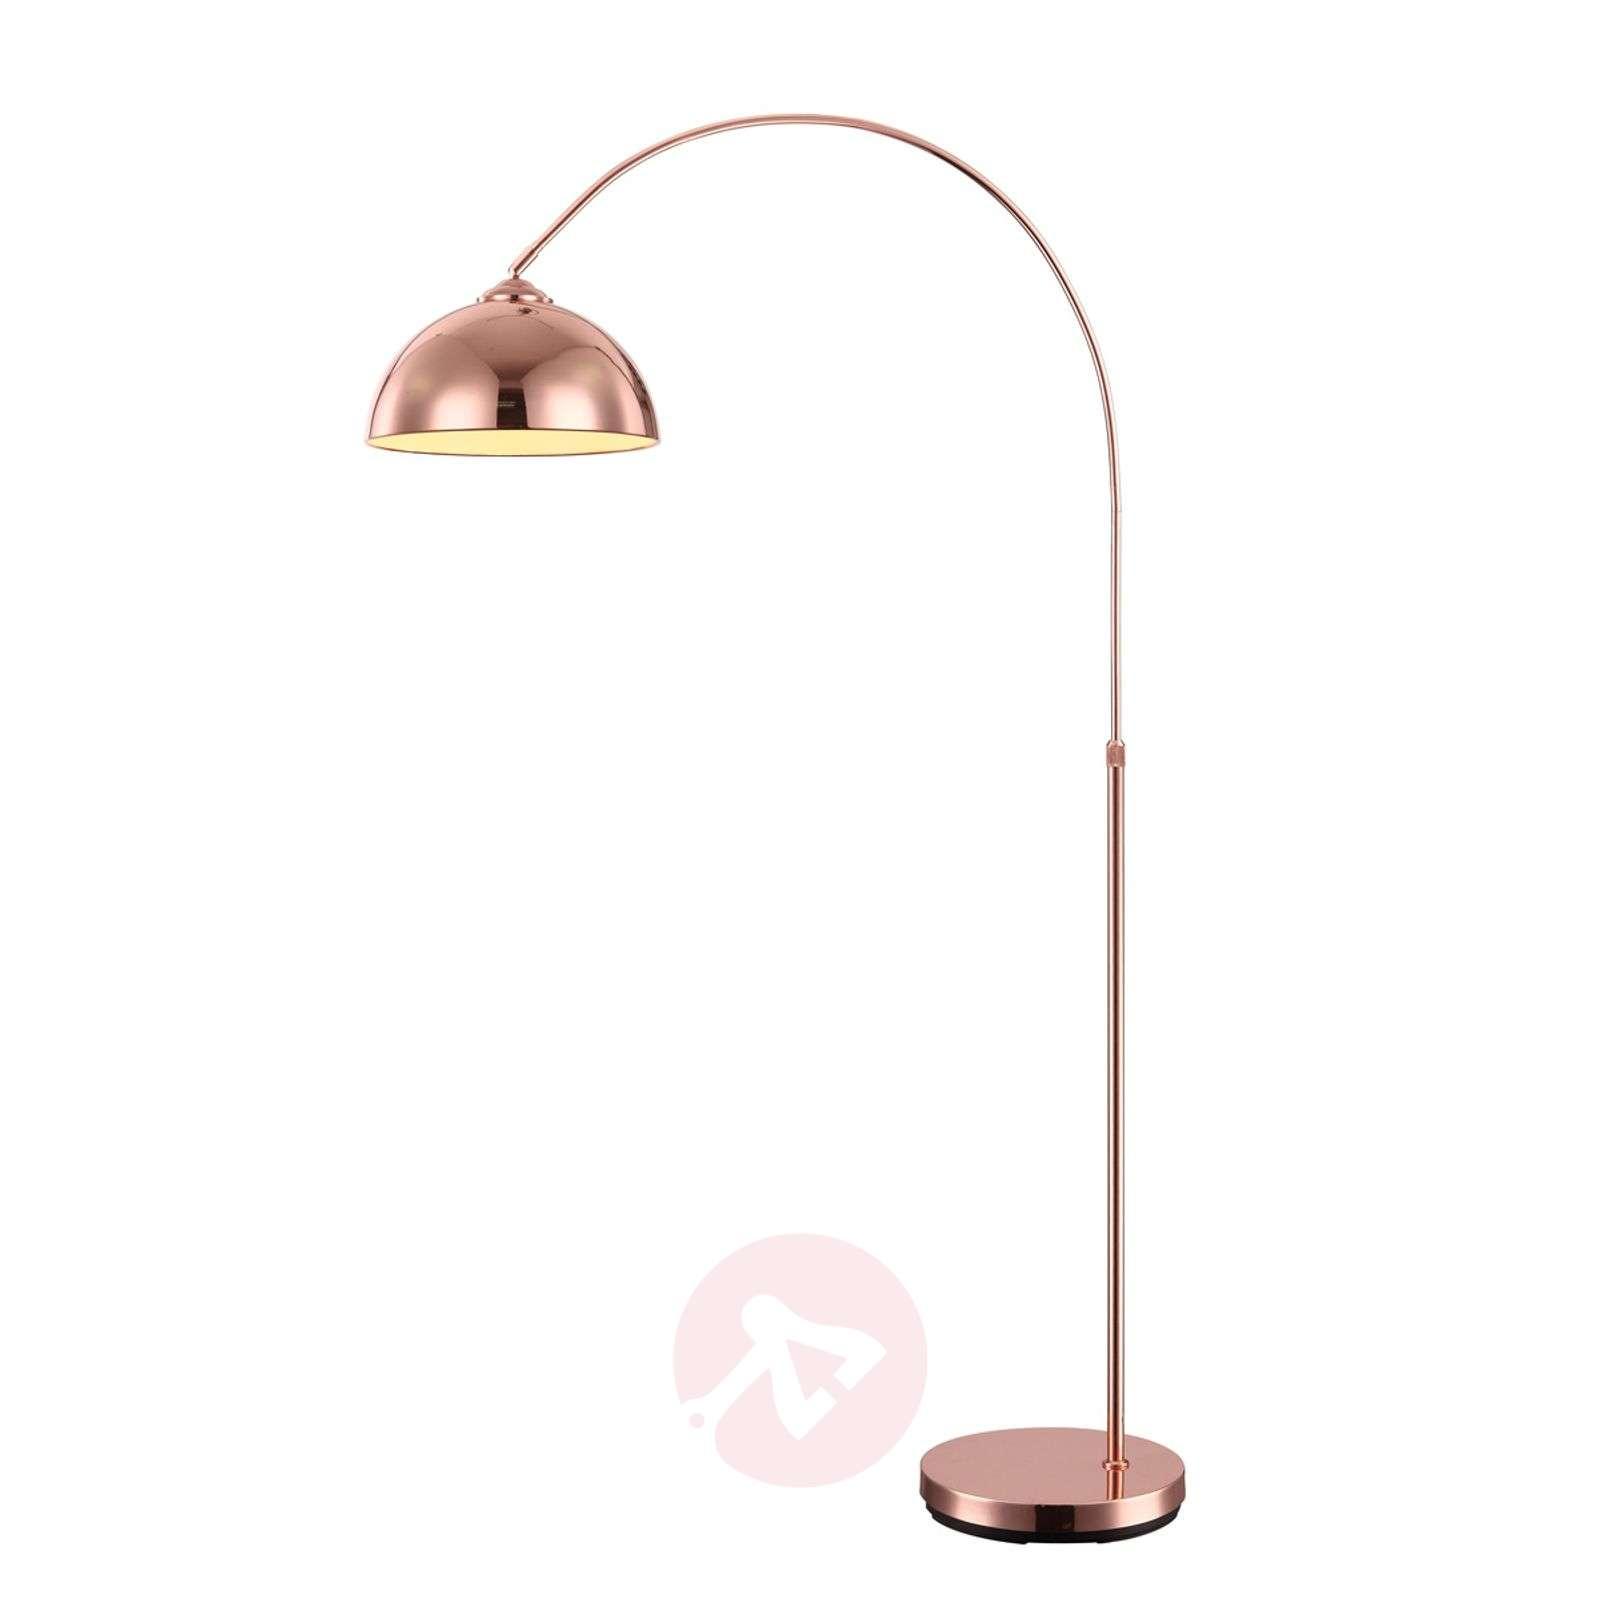 Arc-shaped floor lamp Pelin-4014704-01